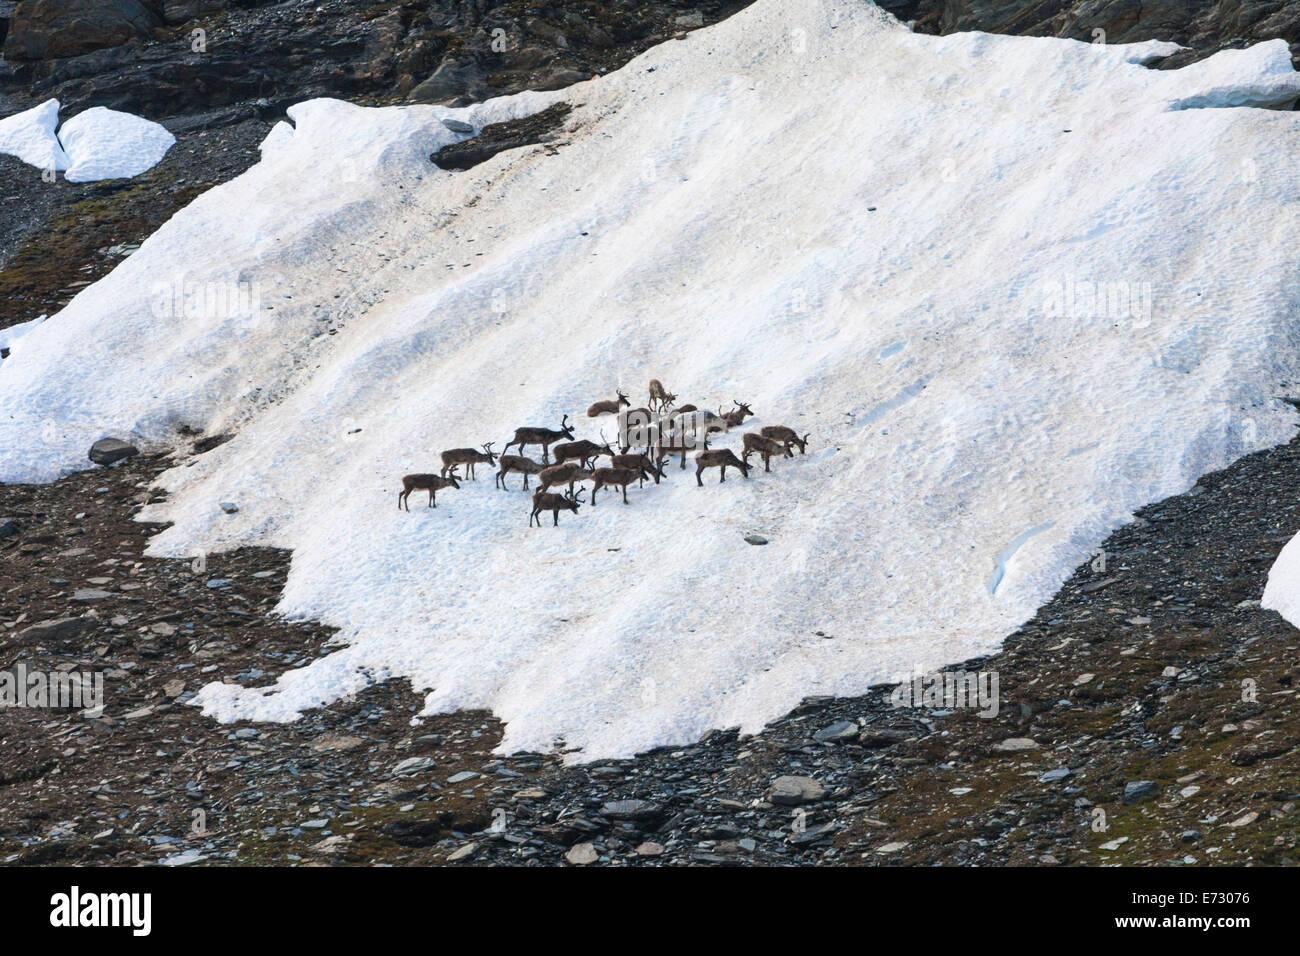 Le renne raccolta su una macchia di neve nel periodo estivo lungo kungsleden in zona di montagna della Lapponia Immagini Stock